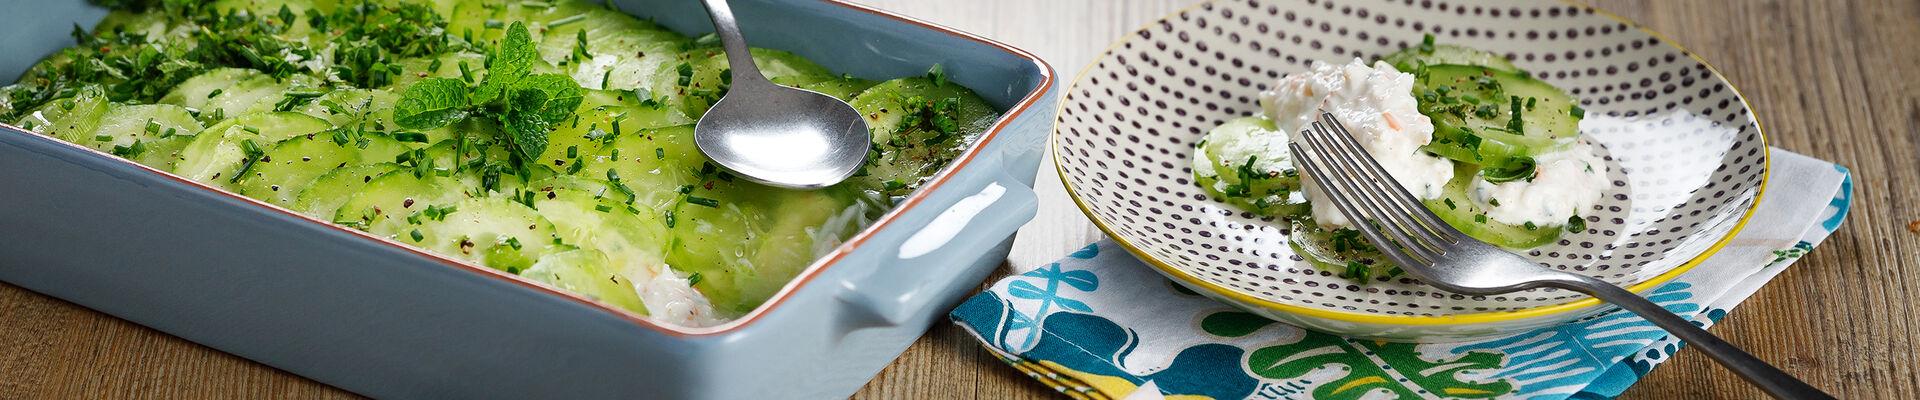 Tian de concombre au surimi